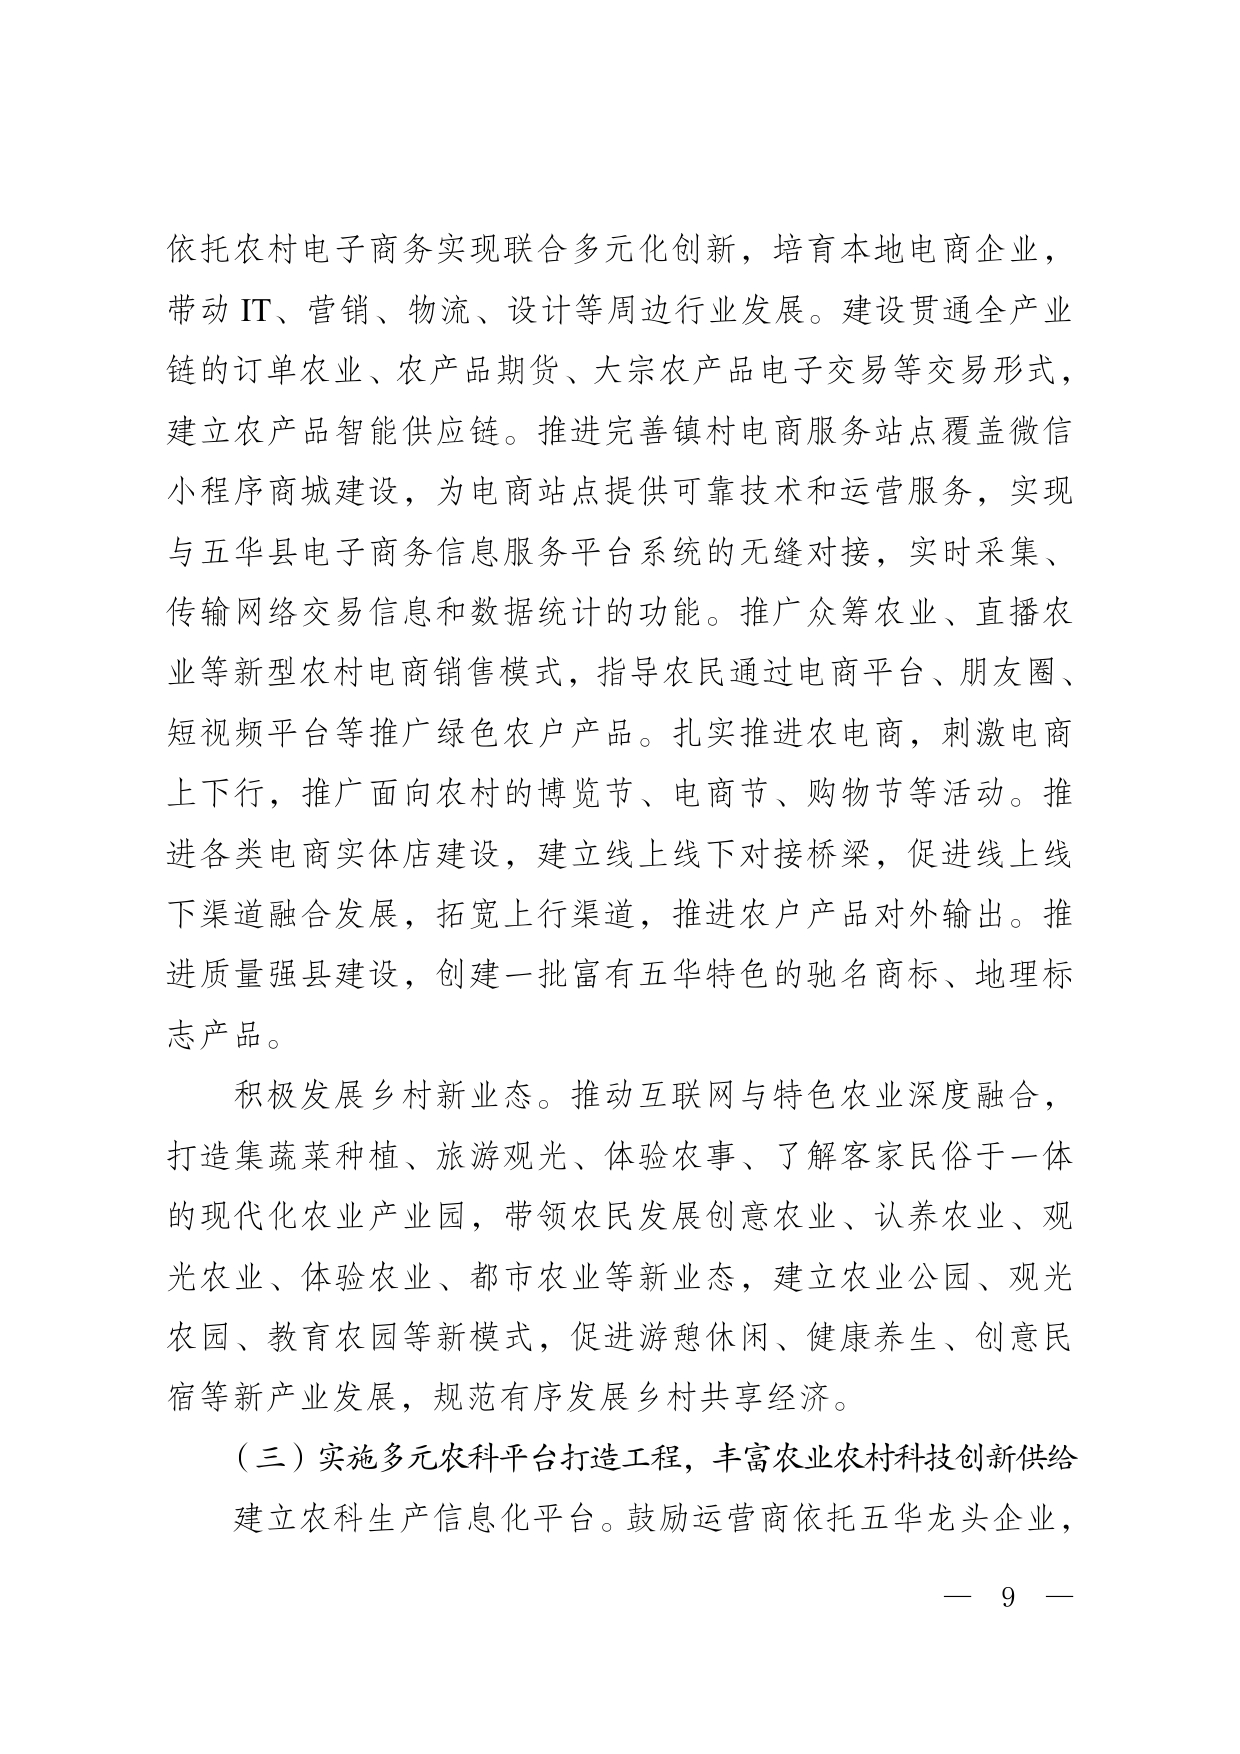 华办函〔2020〕5号关于印发《五华县数字乡村发展总体规划(2020—2025年)》的通知0008.jpg